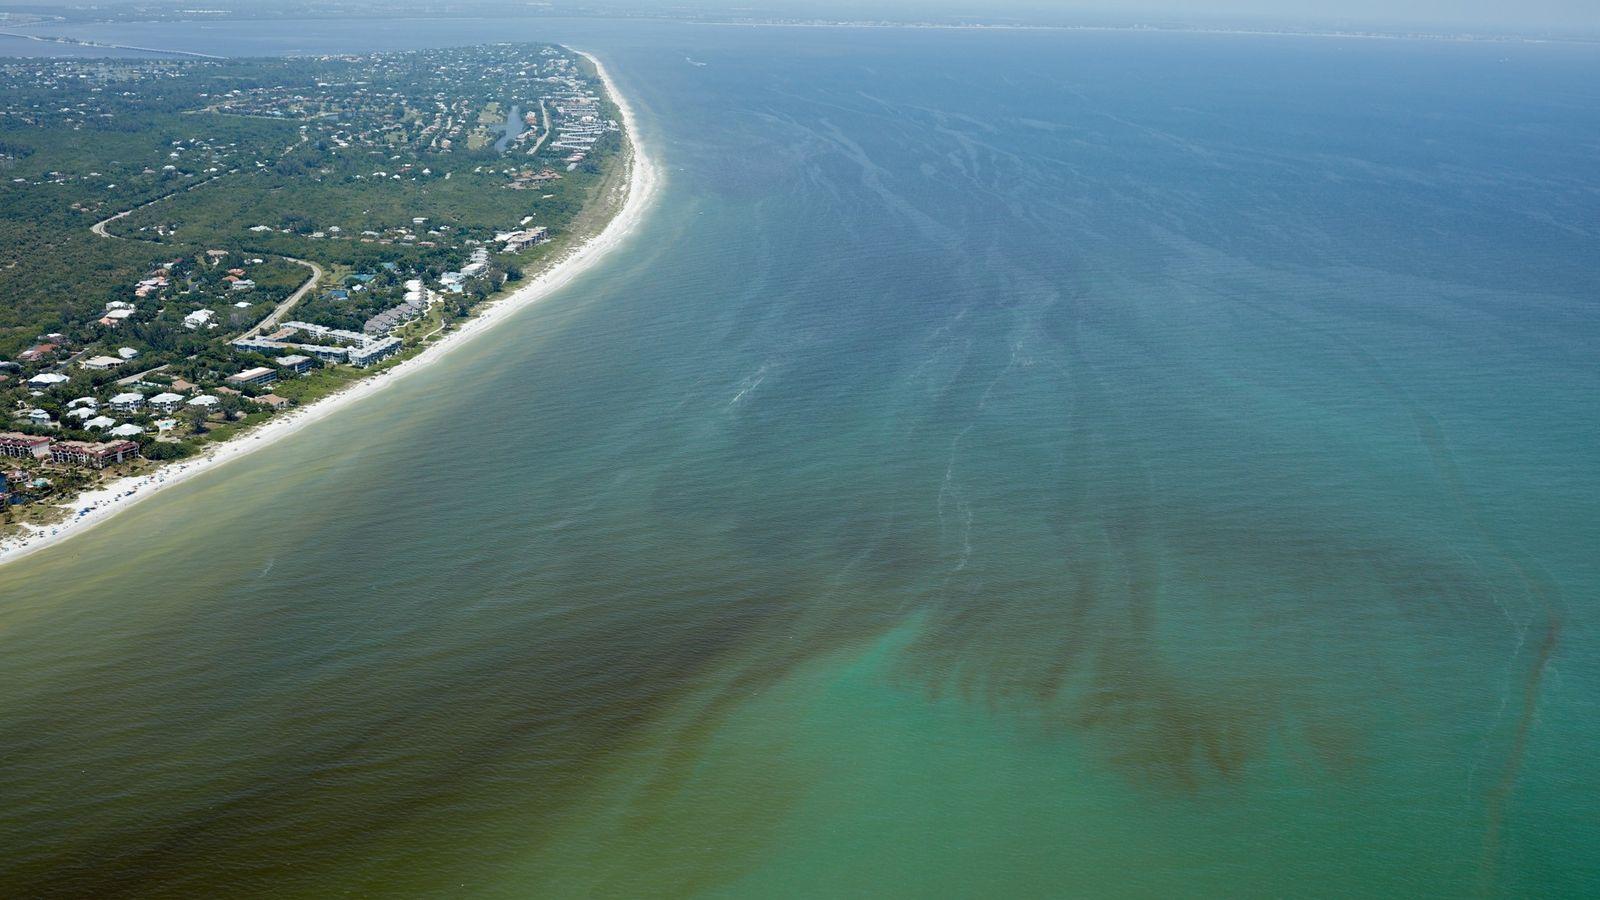 Etwa 20 Millionen Algenzellen pro Liter haben diesen Bereich vor der Südwestküste Floridas rot gefärbt. Die ...